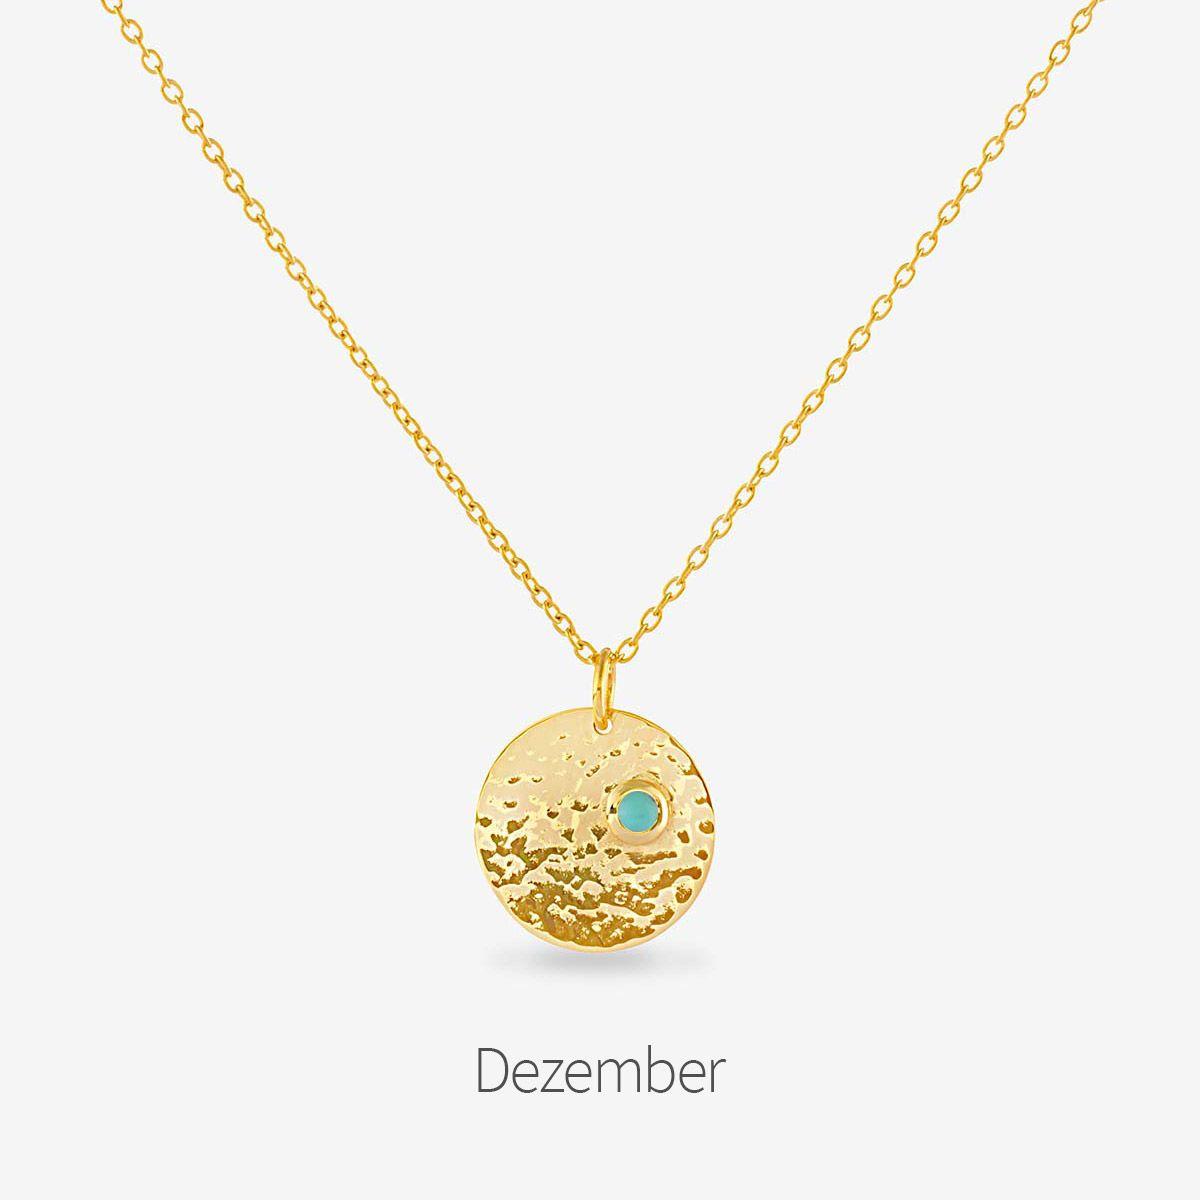 Birthstone December - Halsketten - Gold